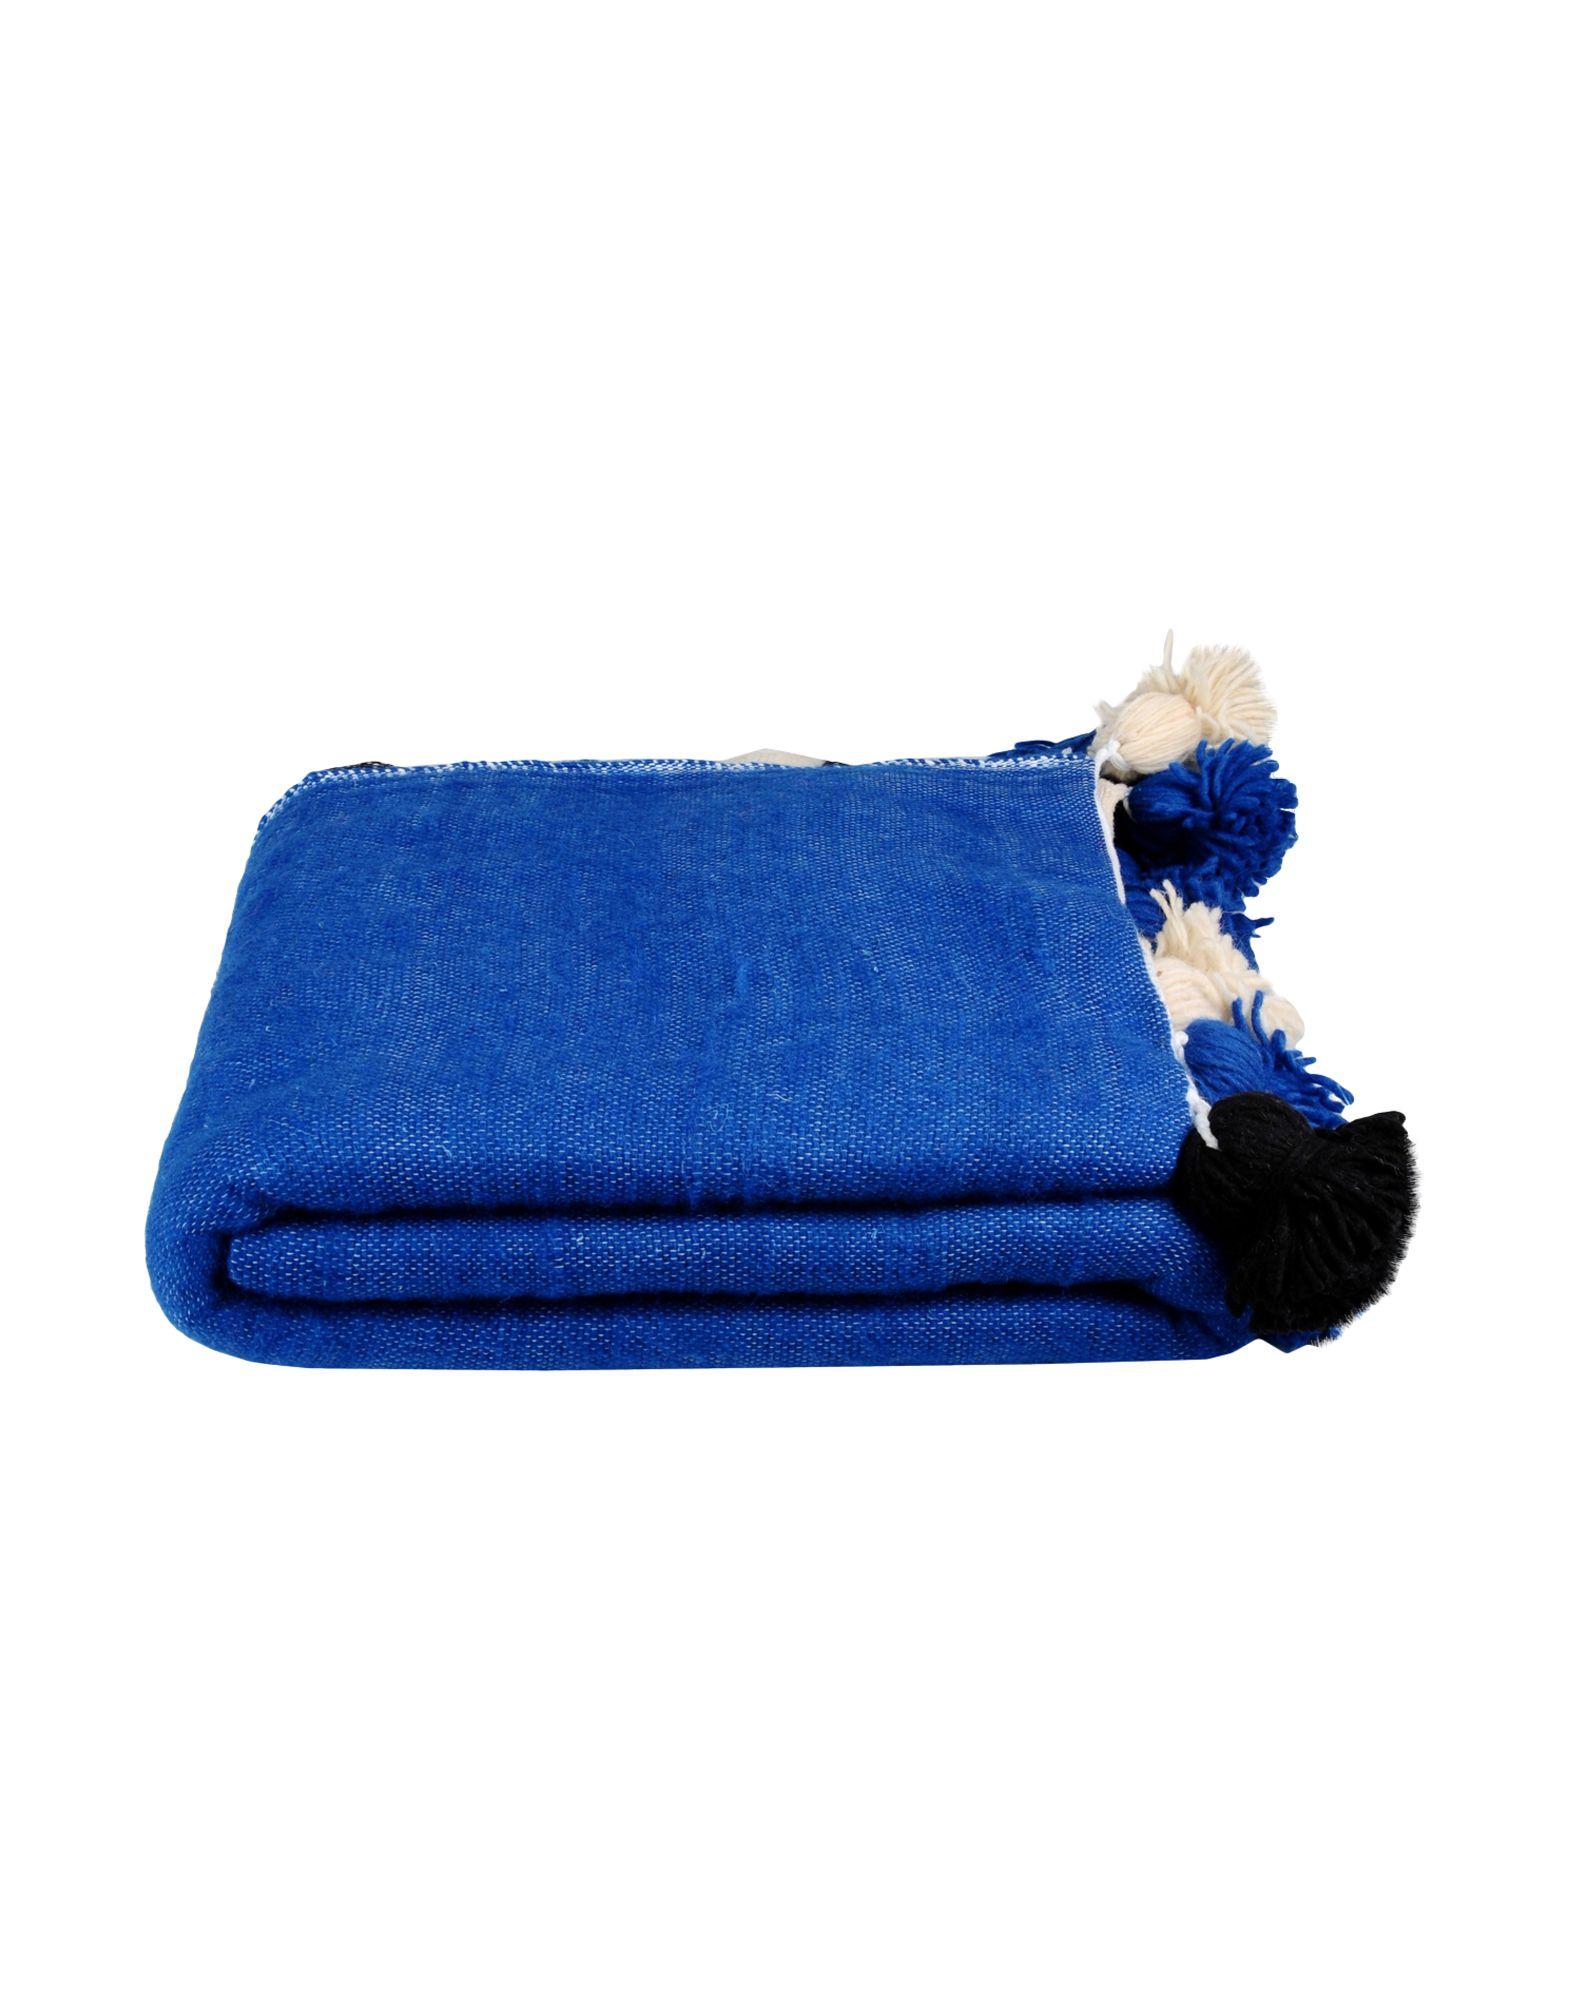 DARKROOM Unisex Wolldecke Farbe Königsblau Größe 1